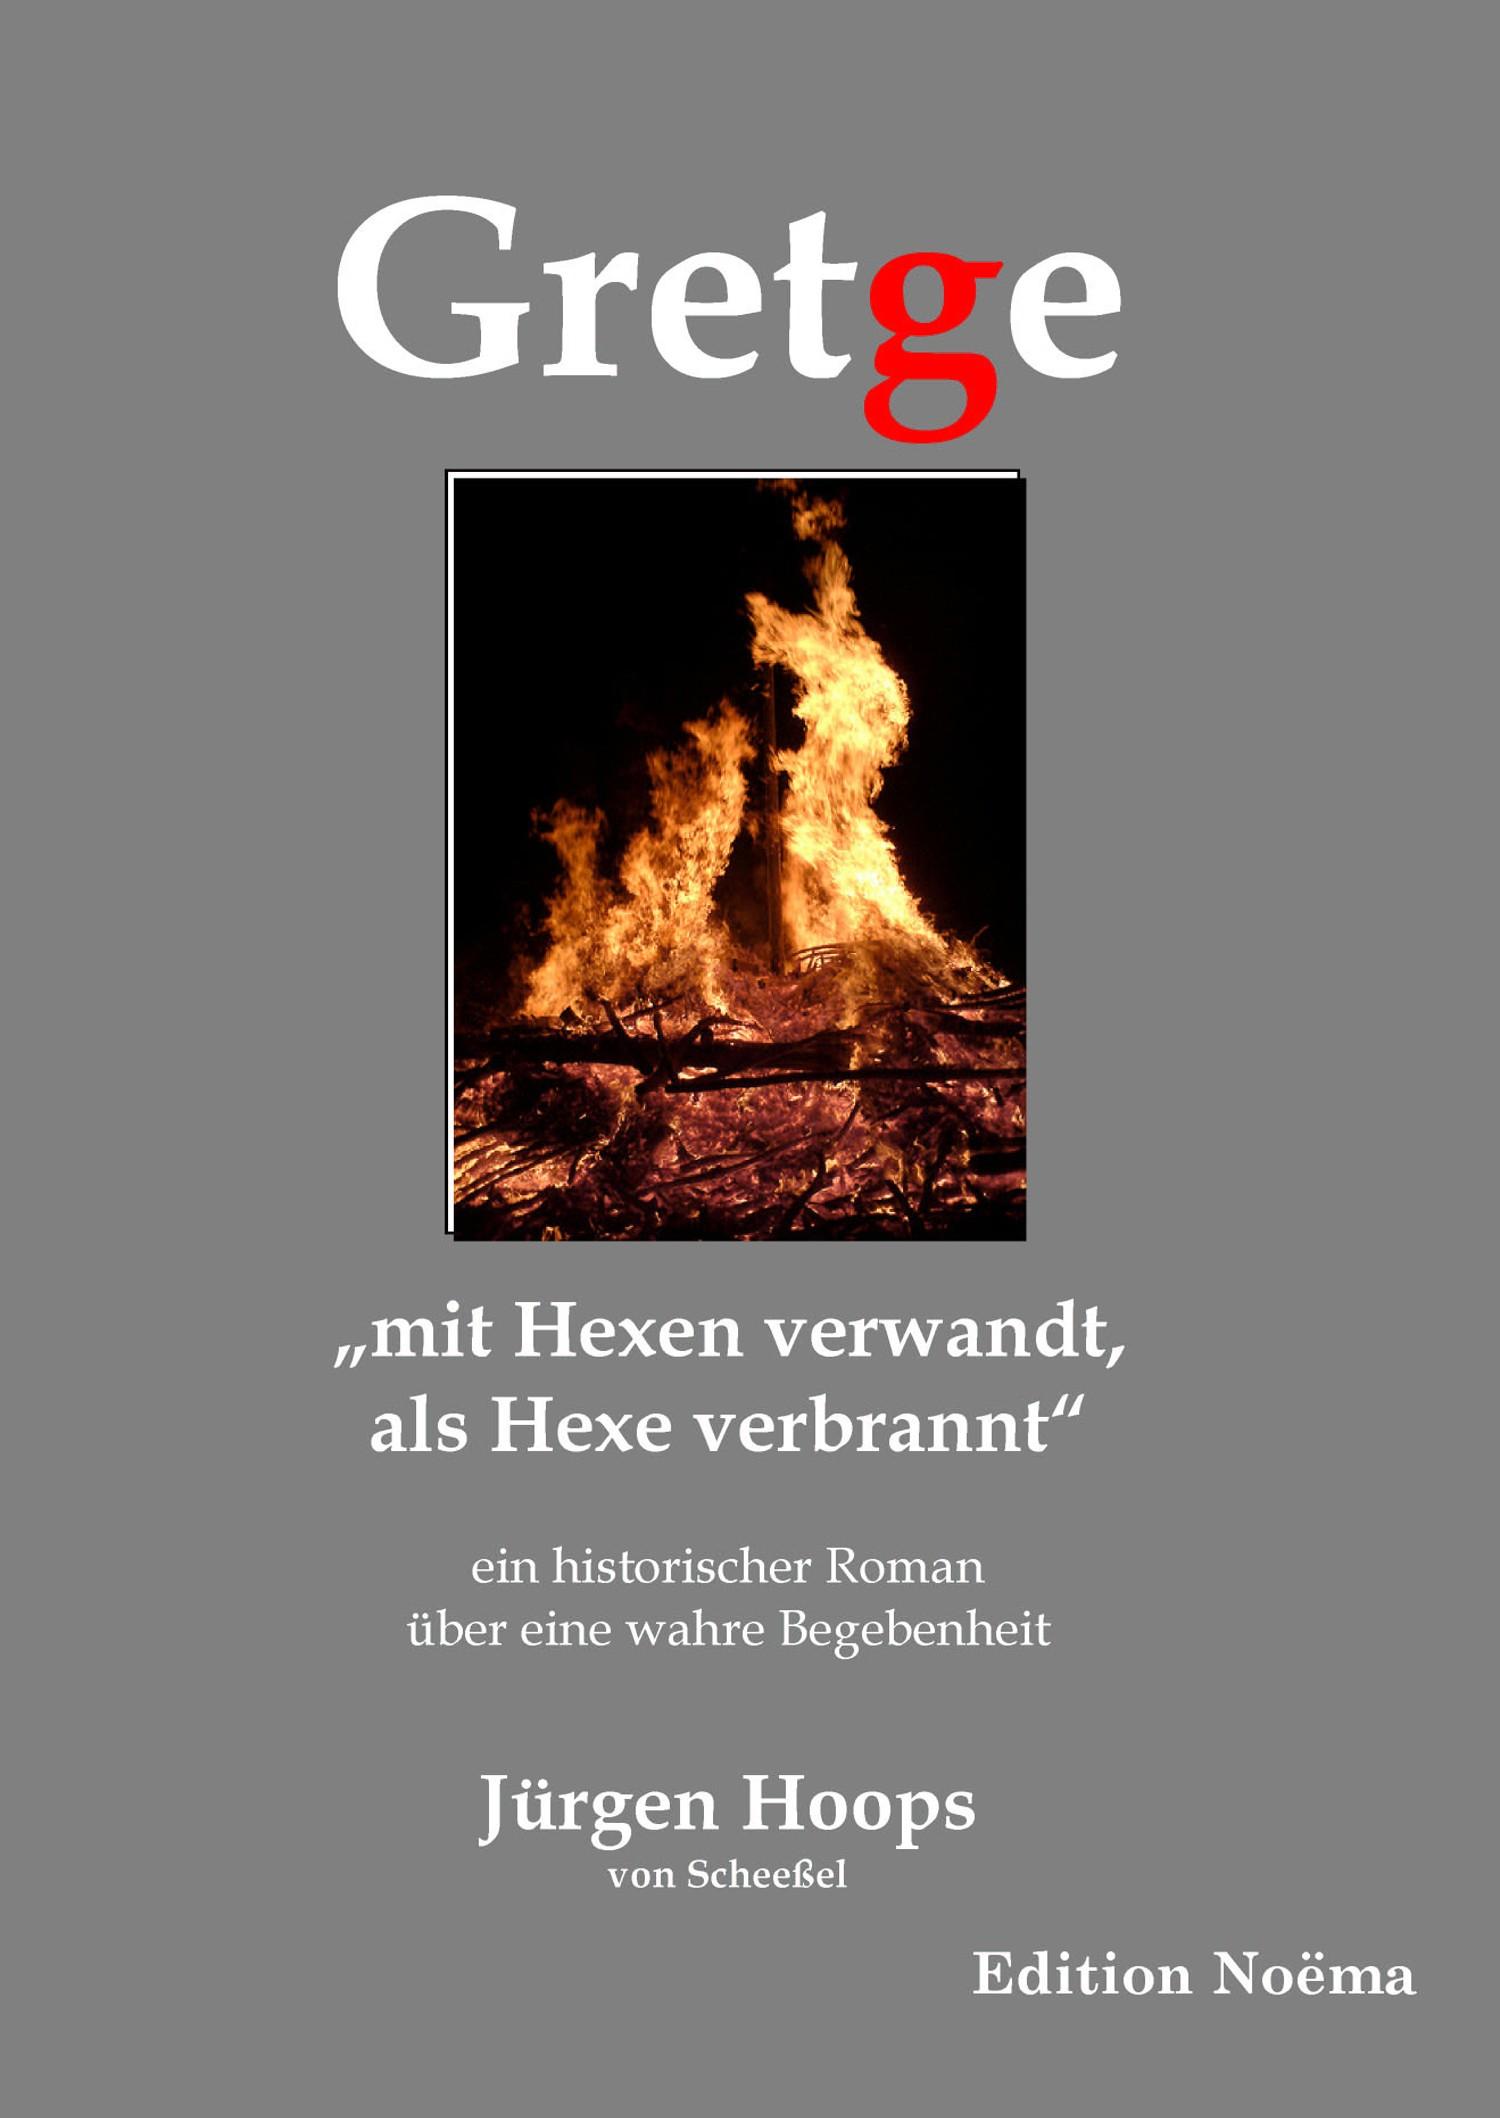 """Gretge. """"mit Hexen verwandt, als Hexe verbrannt"""""""